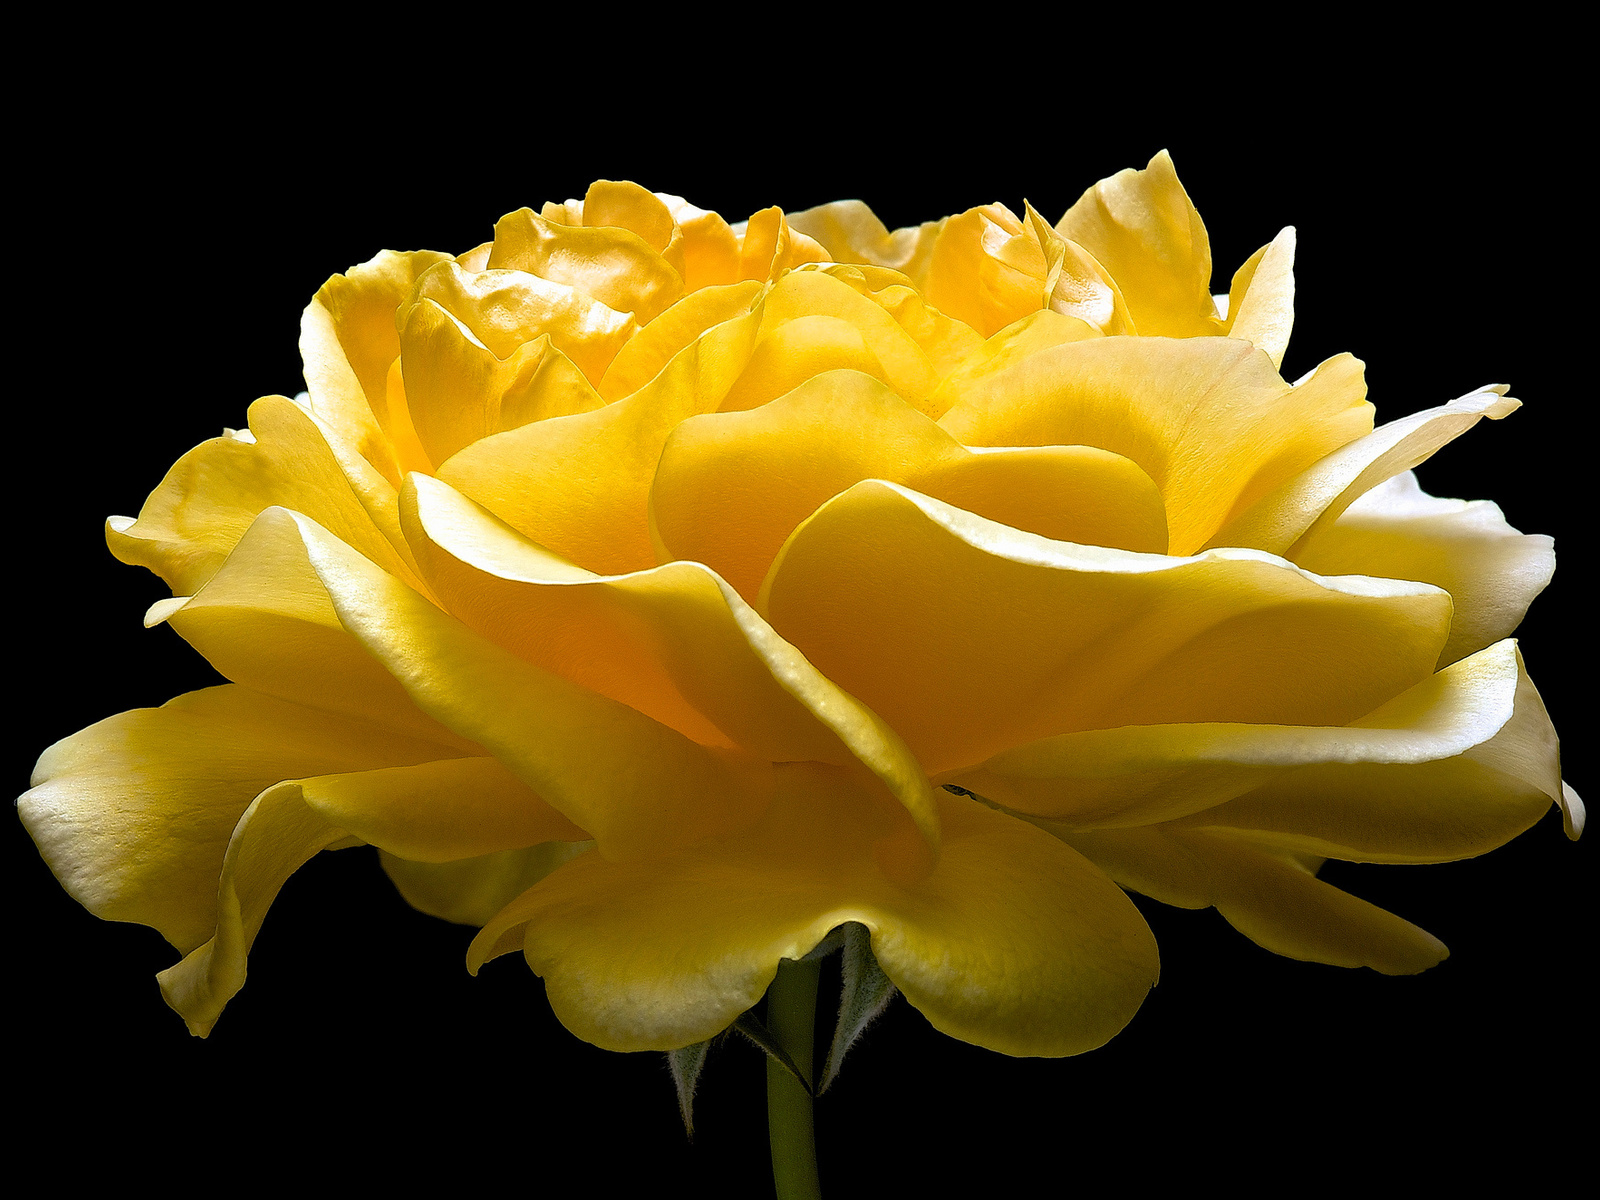 Imagenes De Rosas Bellas Imagenes De Rosas Para Regalar ...